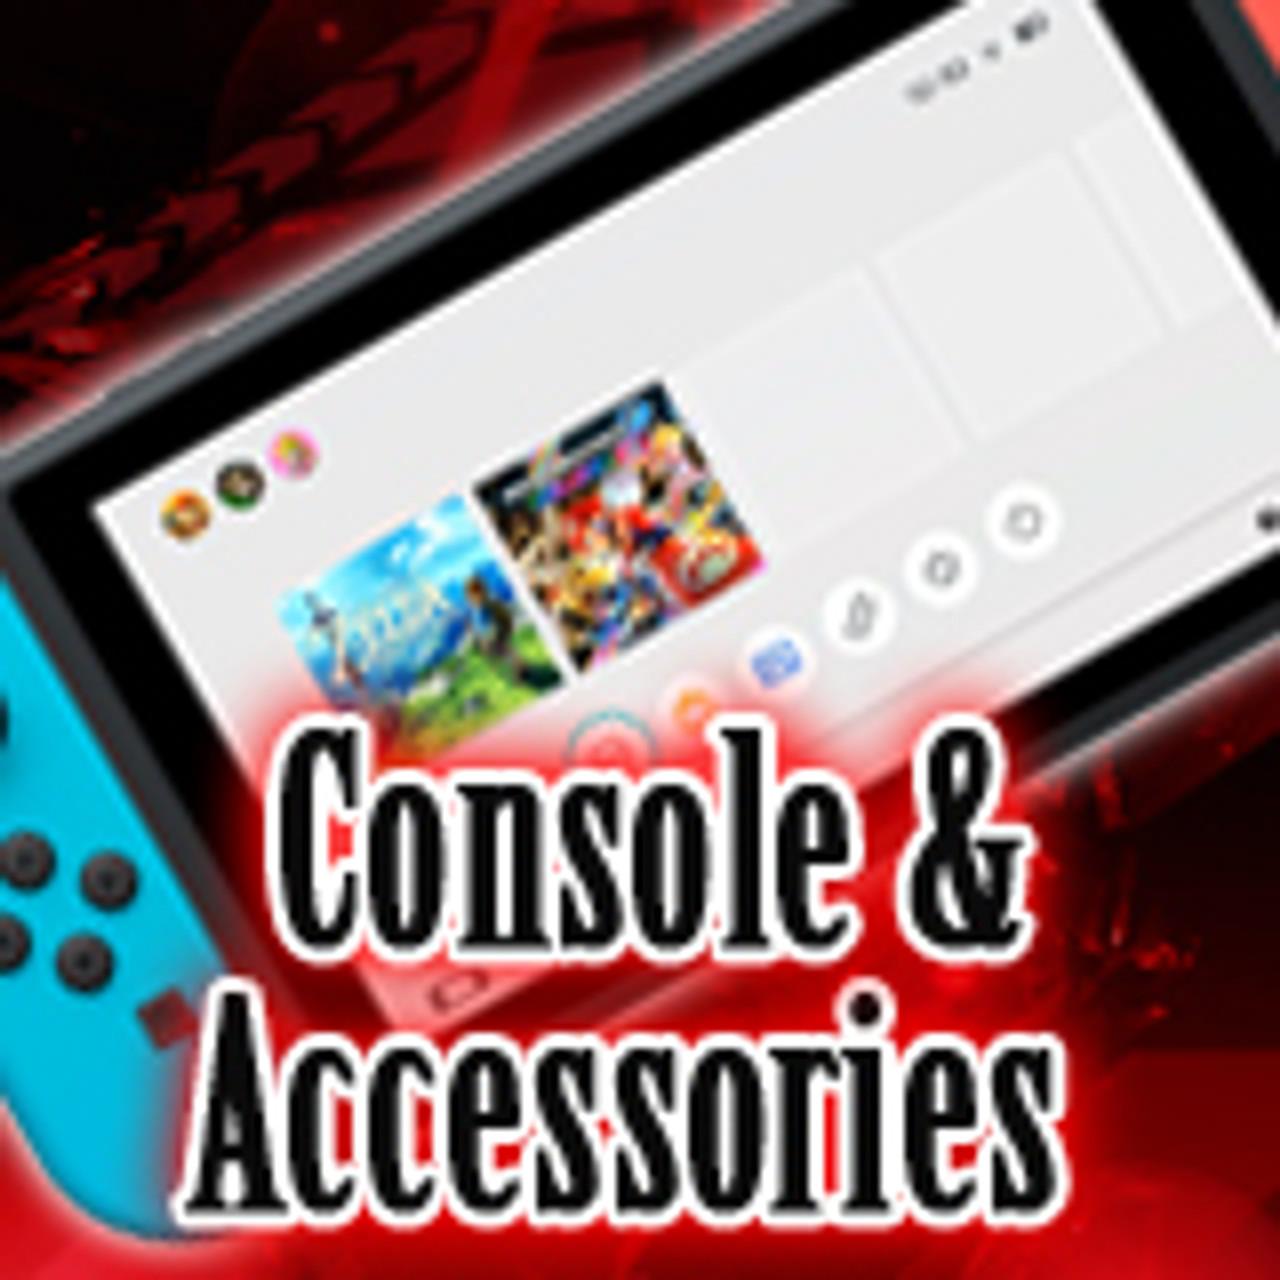 Console & Accessories